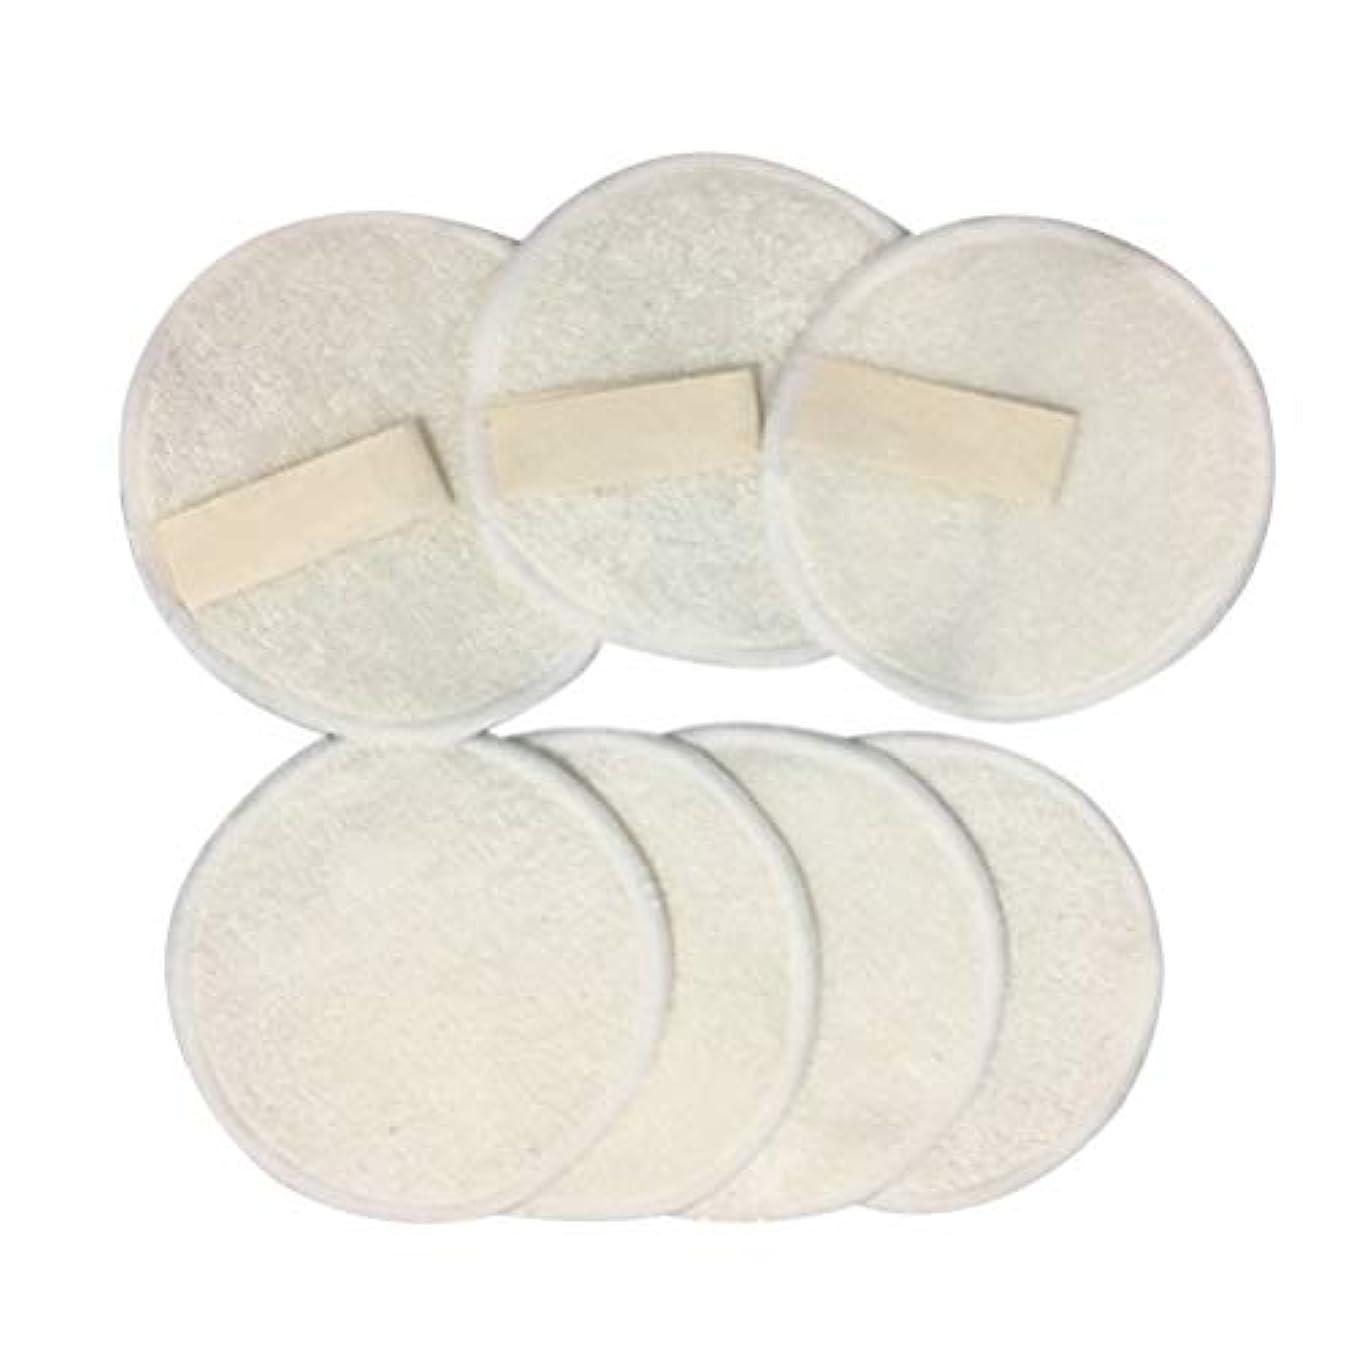 ミシン目織機どんよりしたSUPVOX 竹コットンパッド 天然コットン 化粧リムーバーパッド 再利用可能 化粧落としパッド メイク落とし 10枚セット 洗い簡単